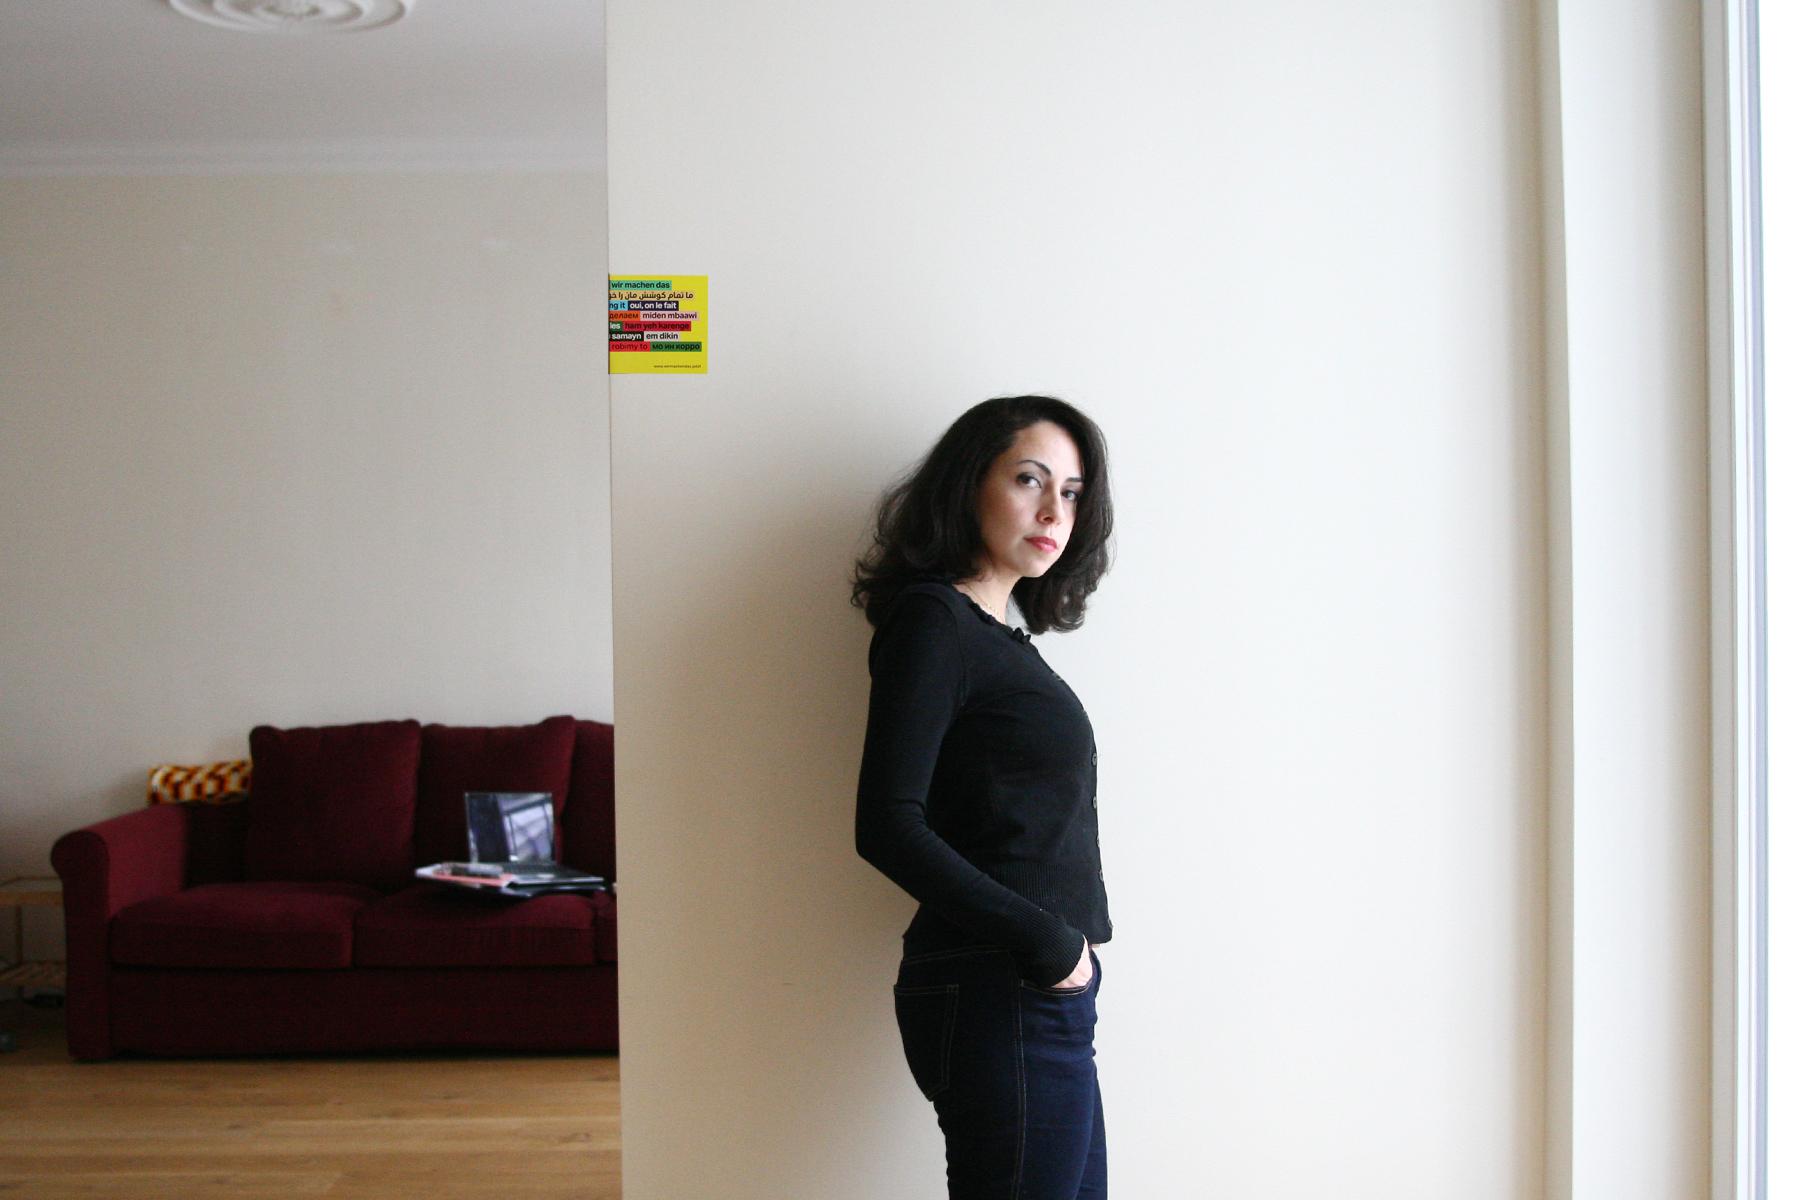 Unsere Redakteurin Dima AlBitar Kalaji. Foto: Juliette Moarbes (2019)